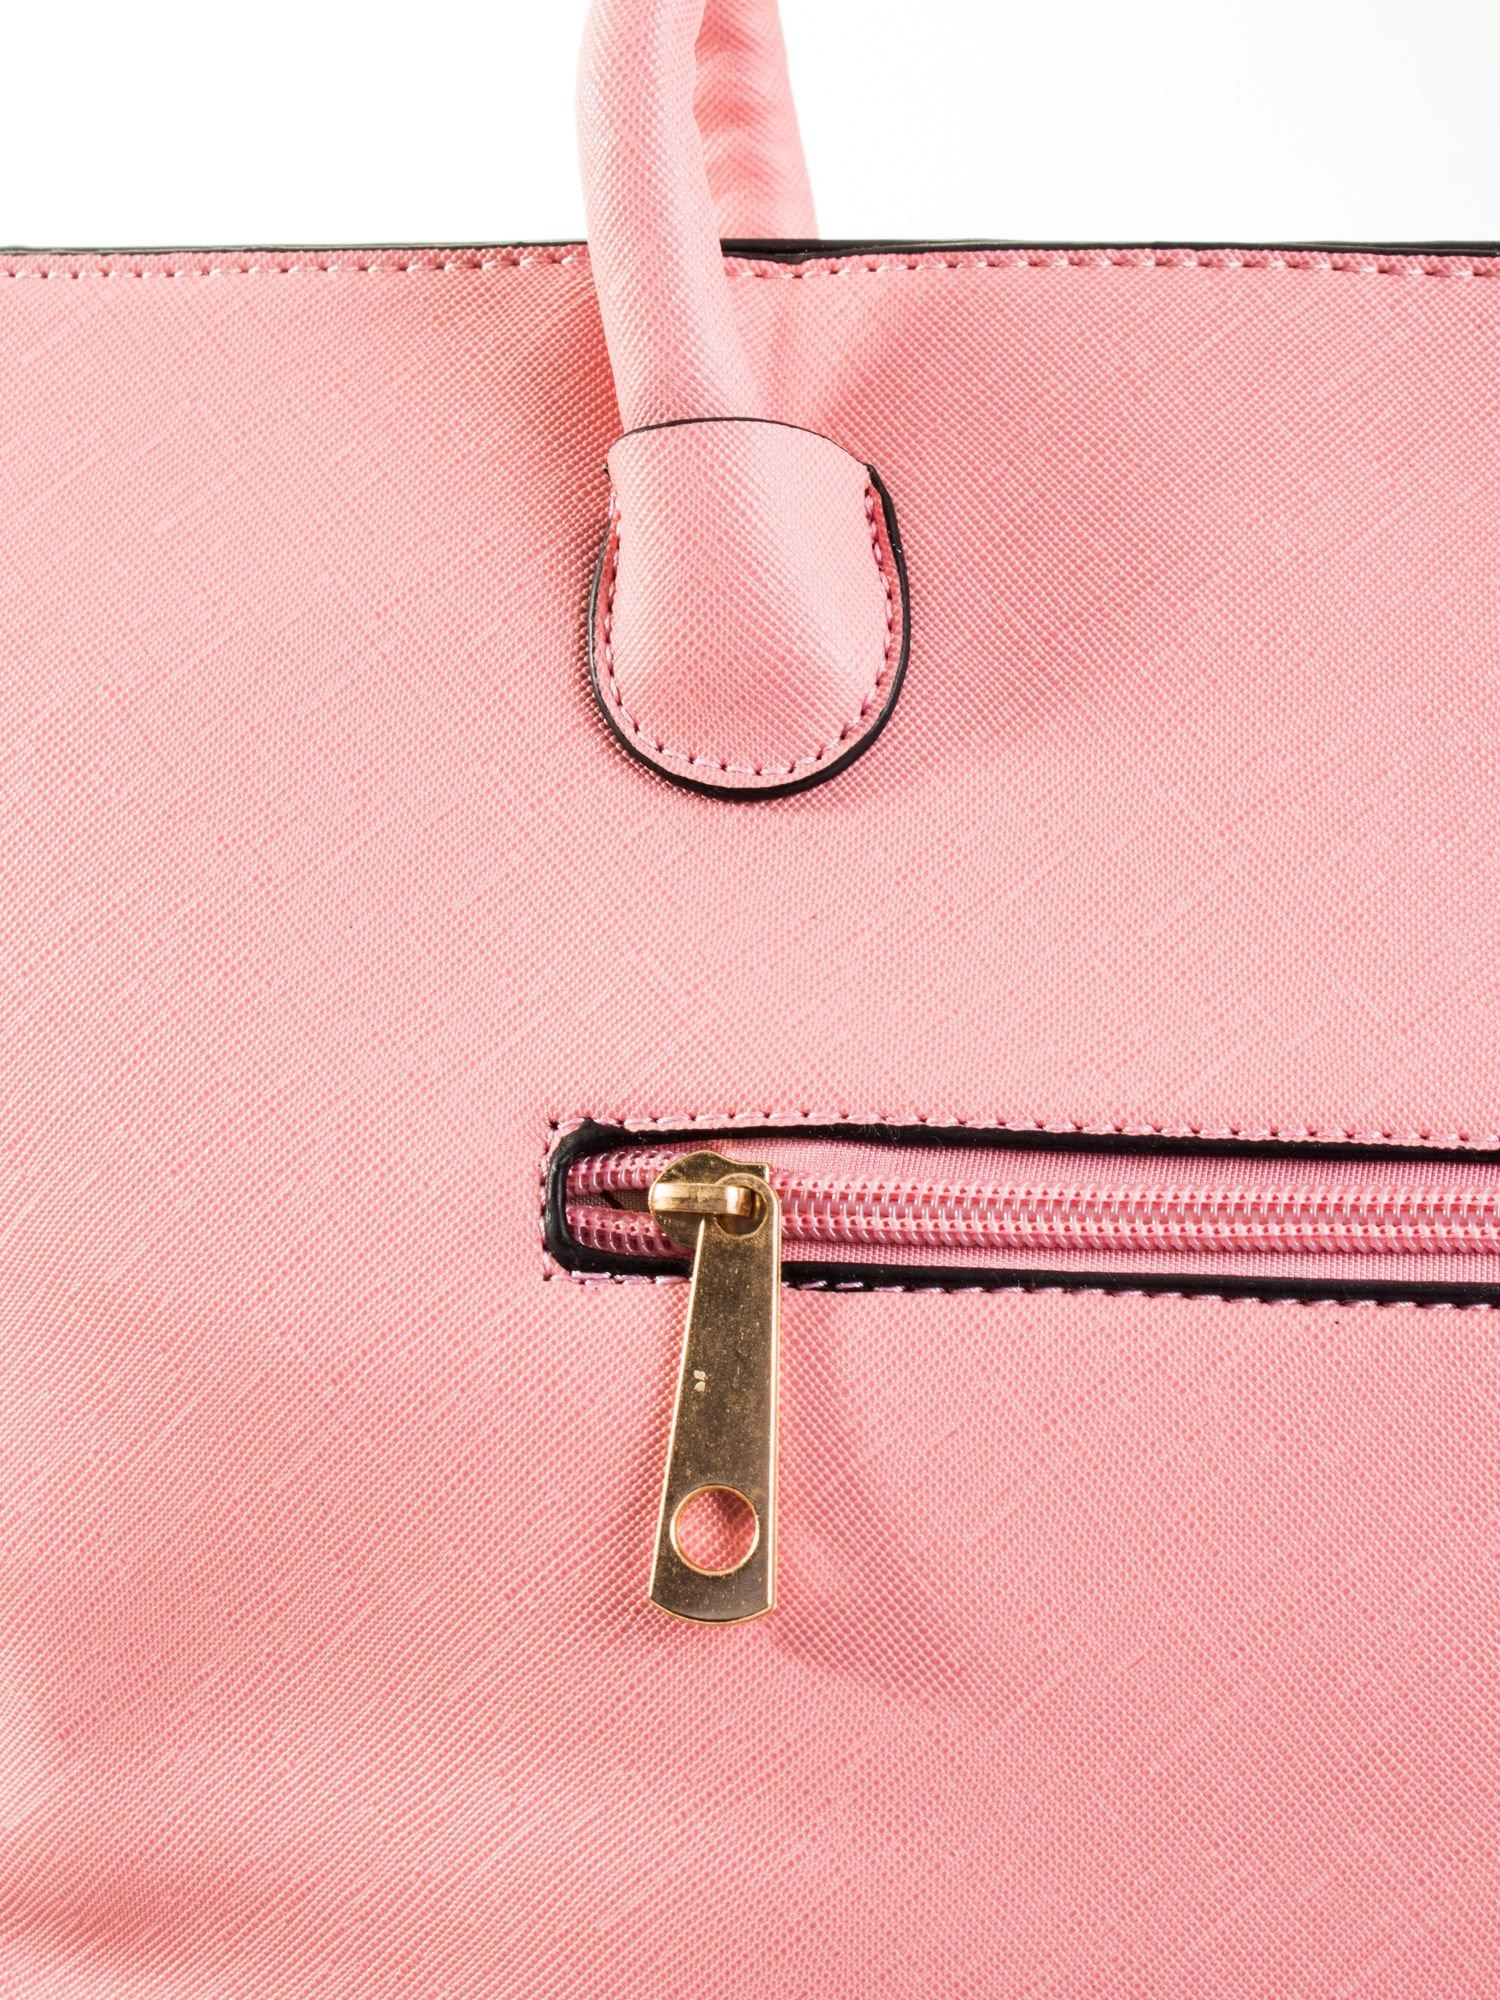 Jasnoróżowa torba shopper efekt saffiano                                  zdj.                                  6